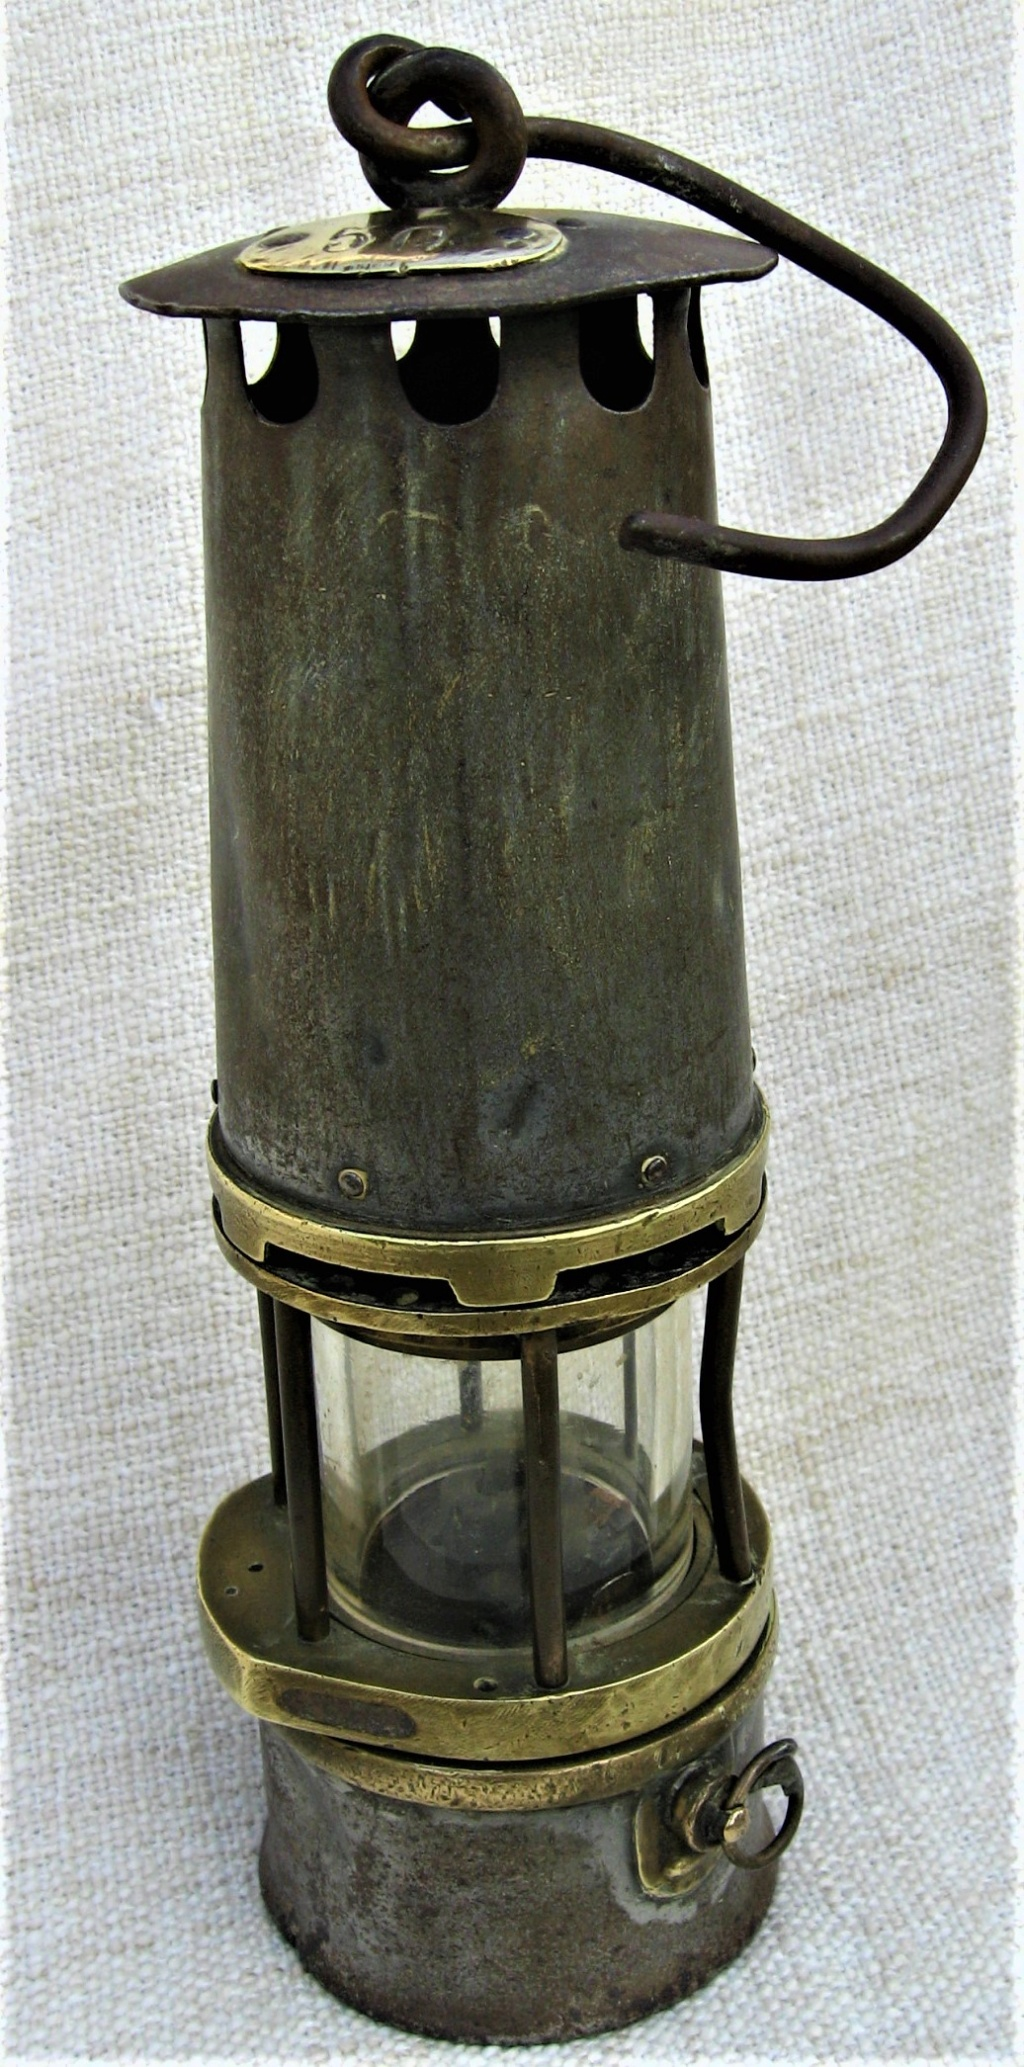 lampes de mineurs,  divers objets de mine, outils de mineur et documents  - Page 10 Img_3021